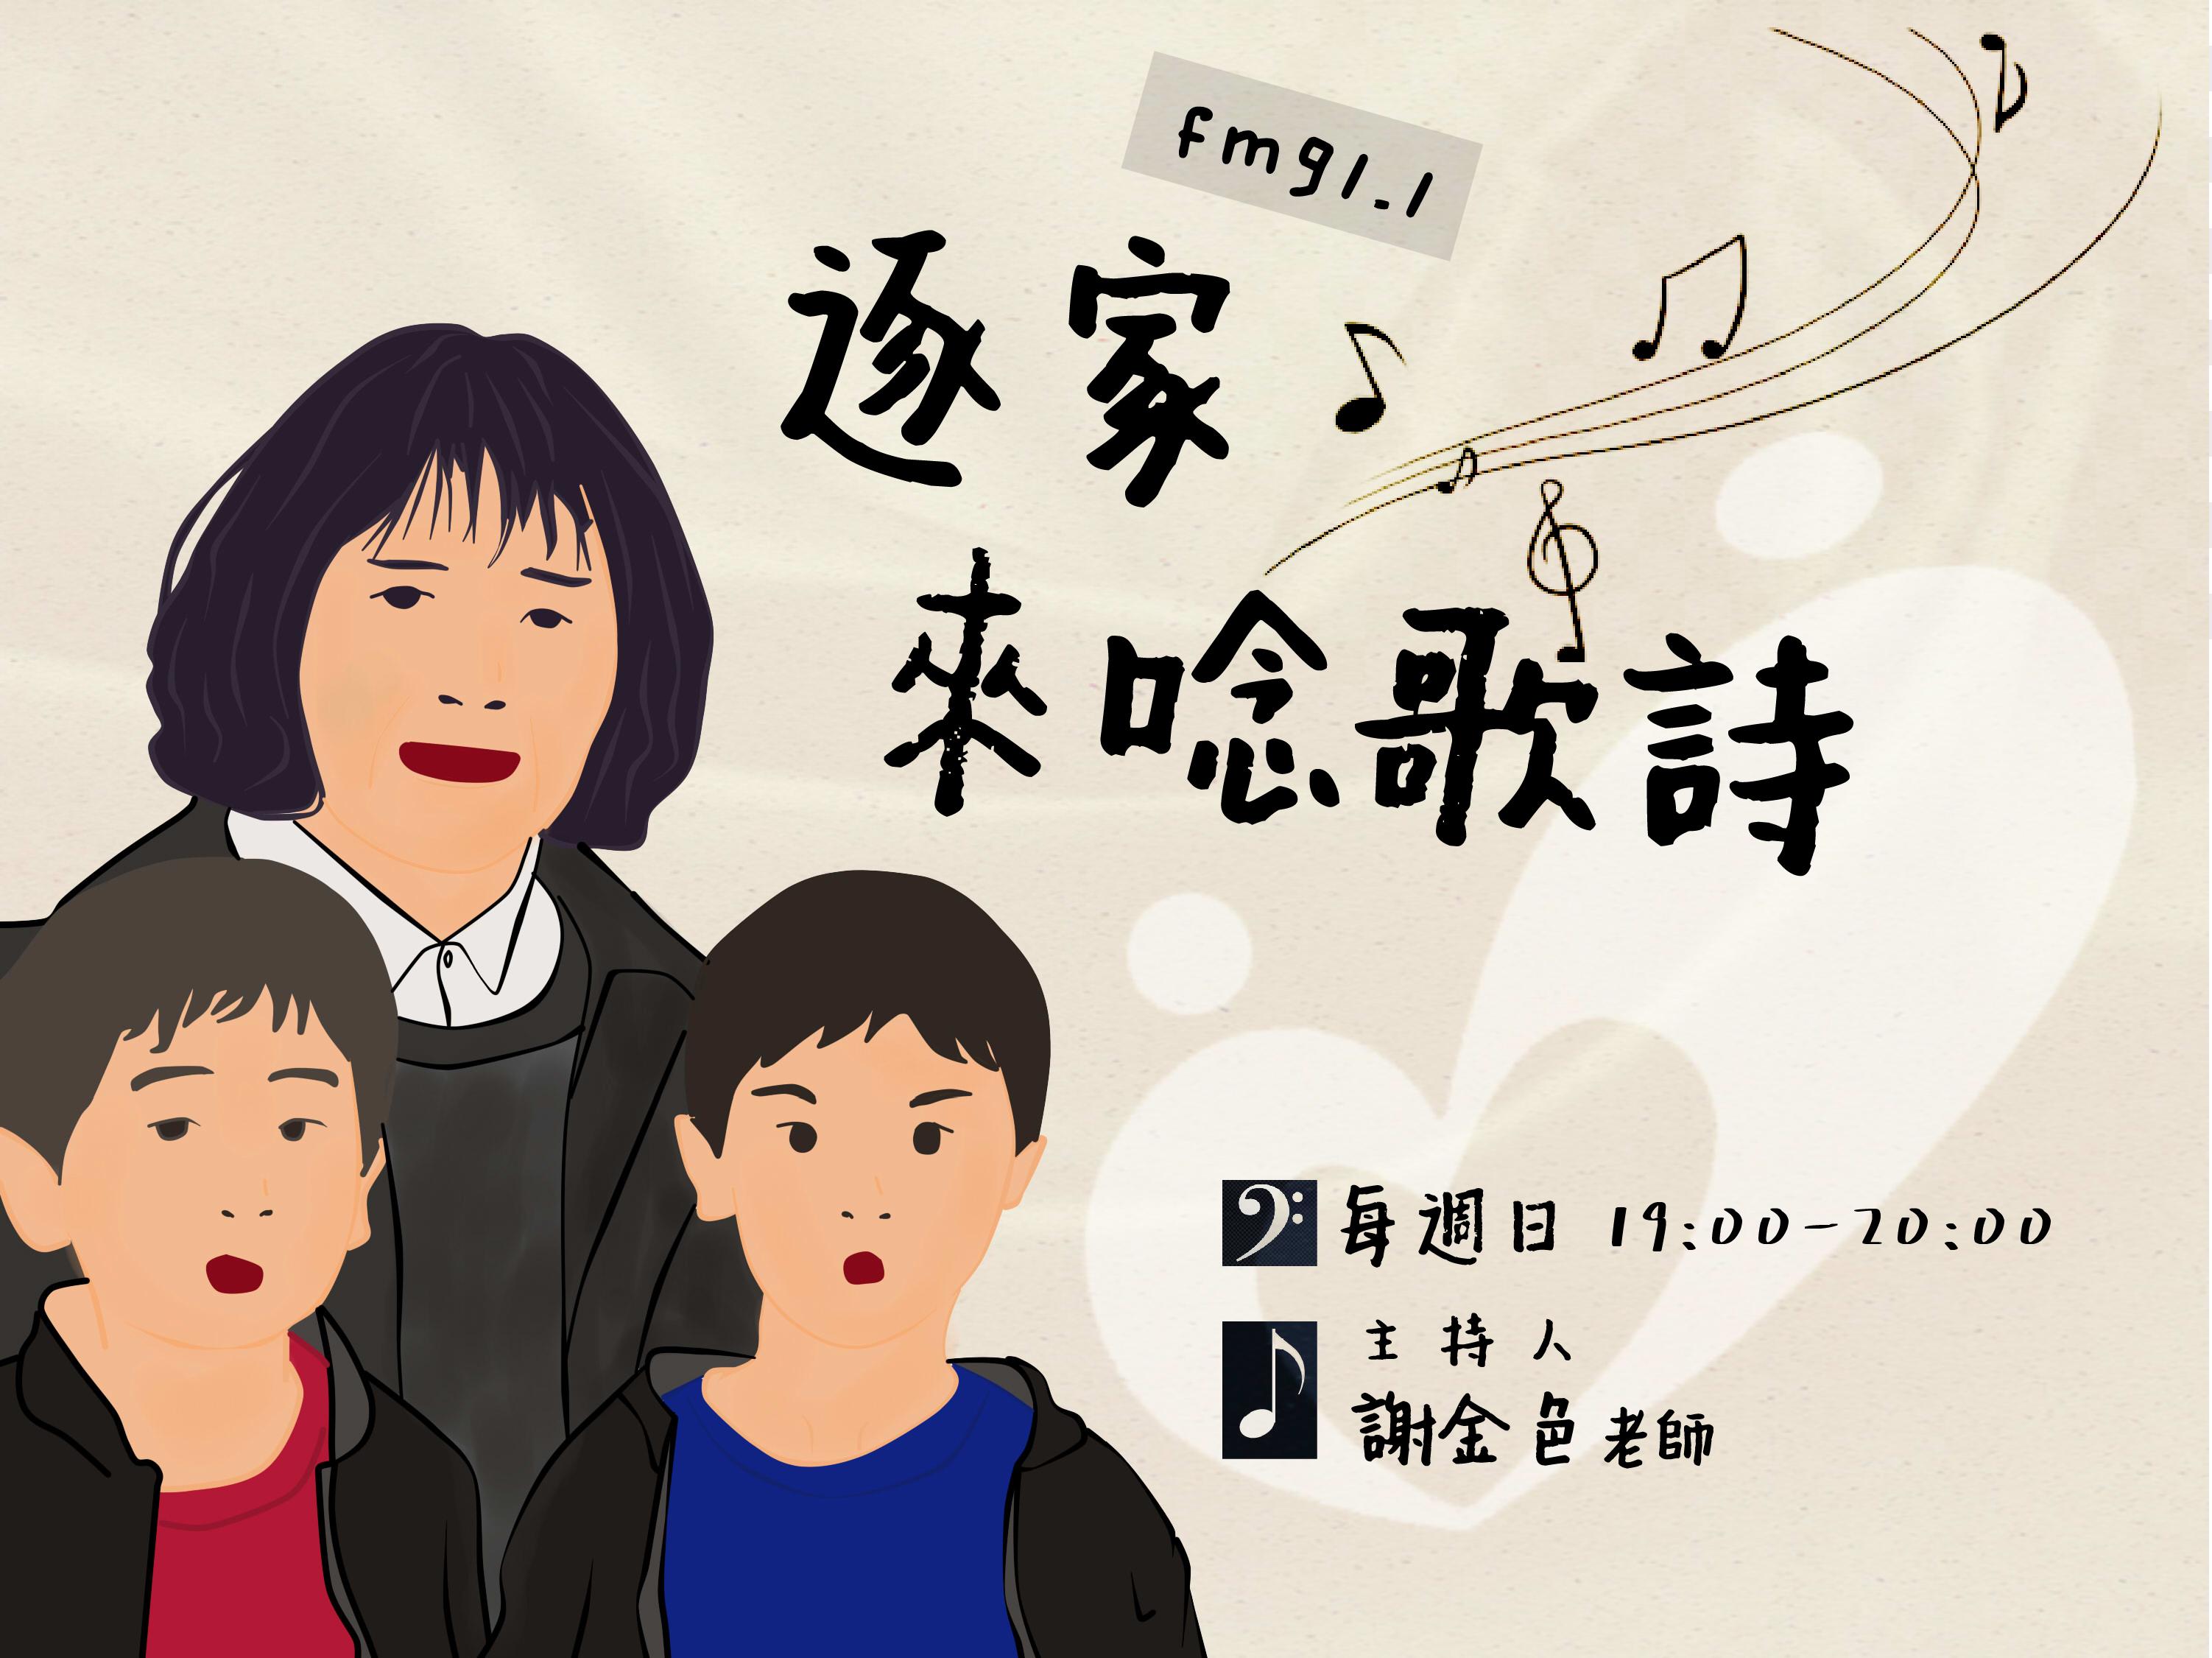 2021/07/11  逐家來唸歌詩